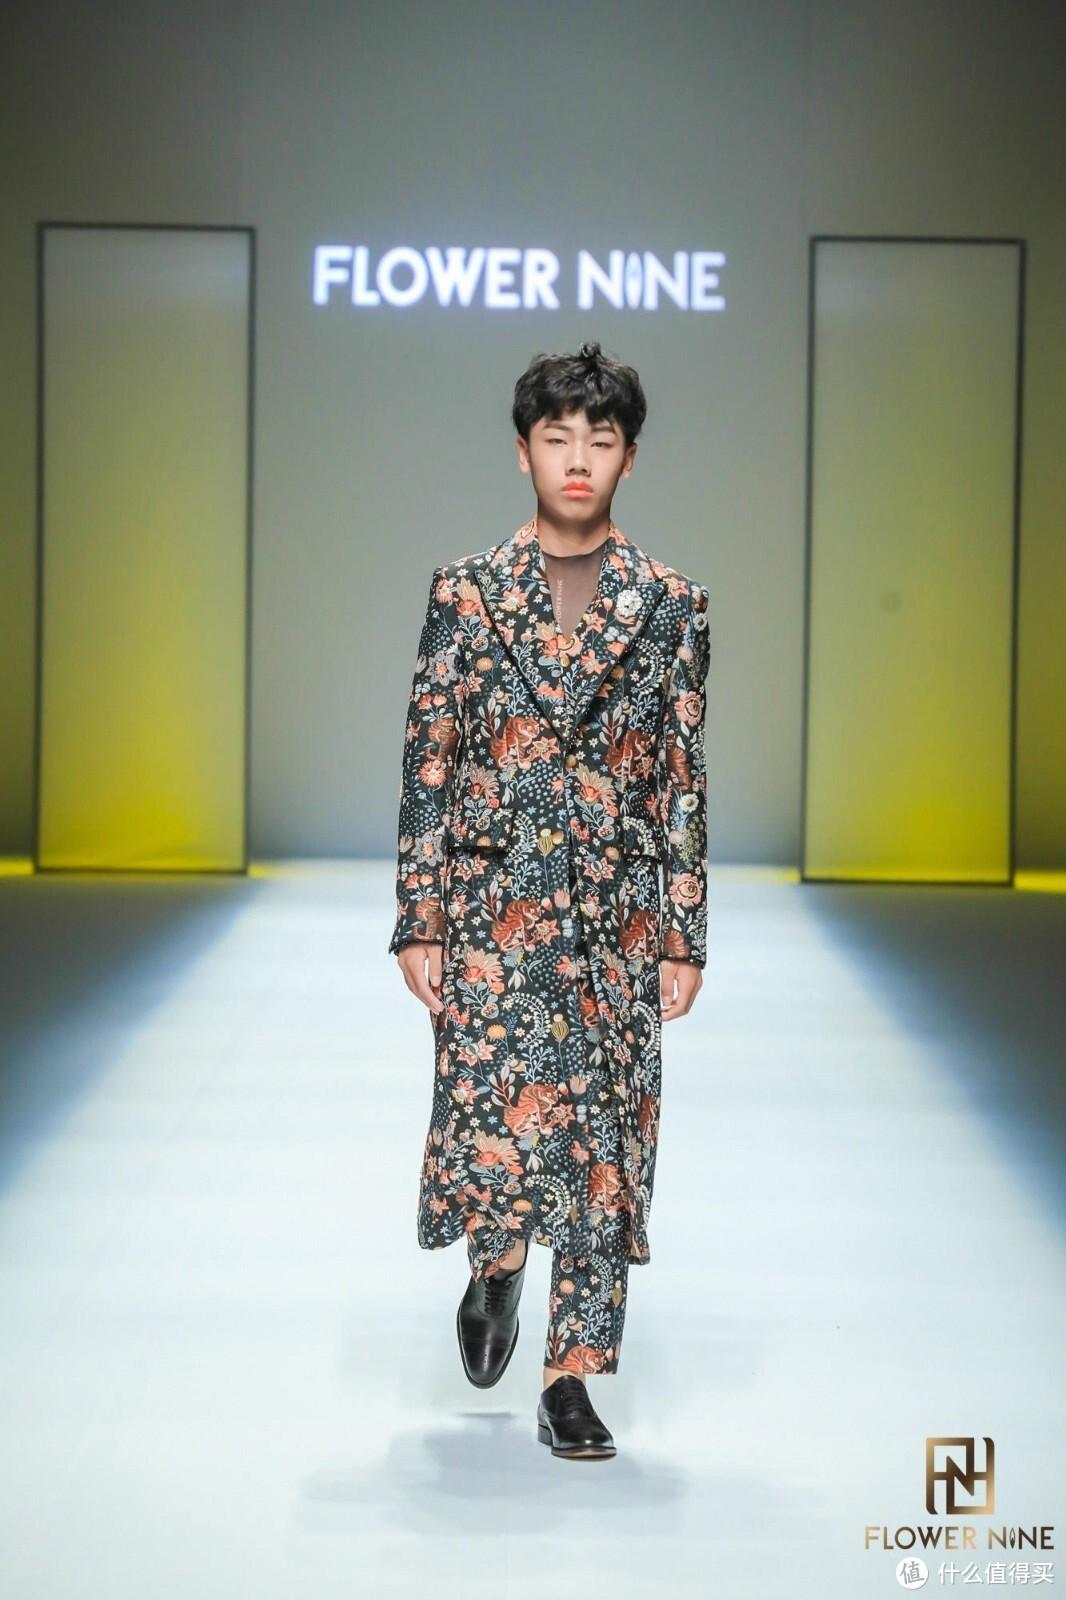 齐显霆 | FLOWER NINE 2022 S/S中国国际时装周